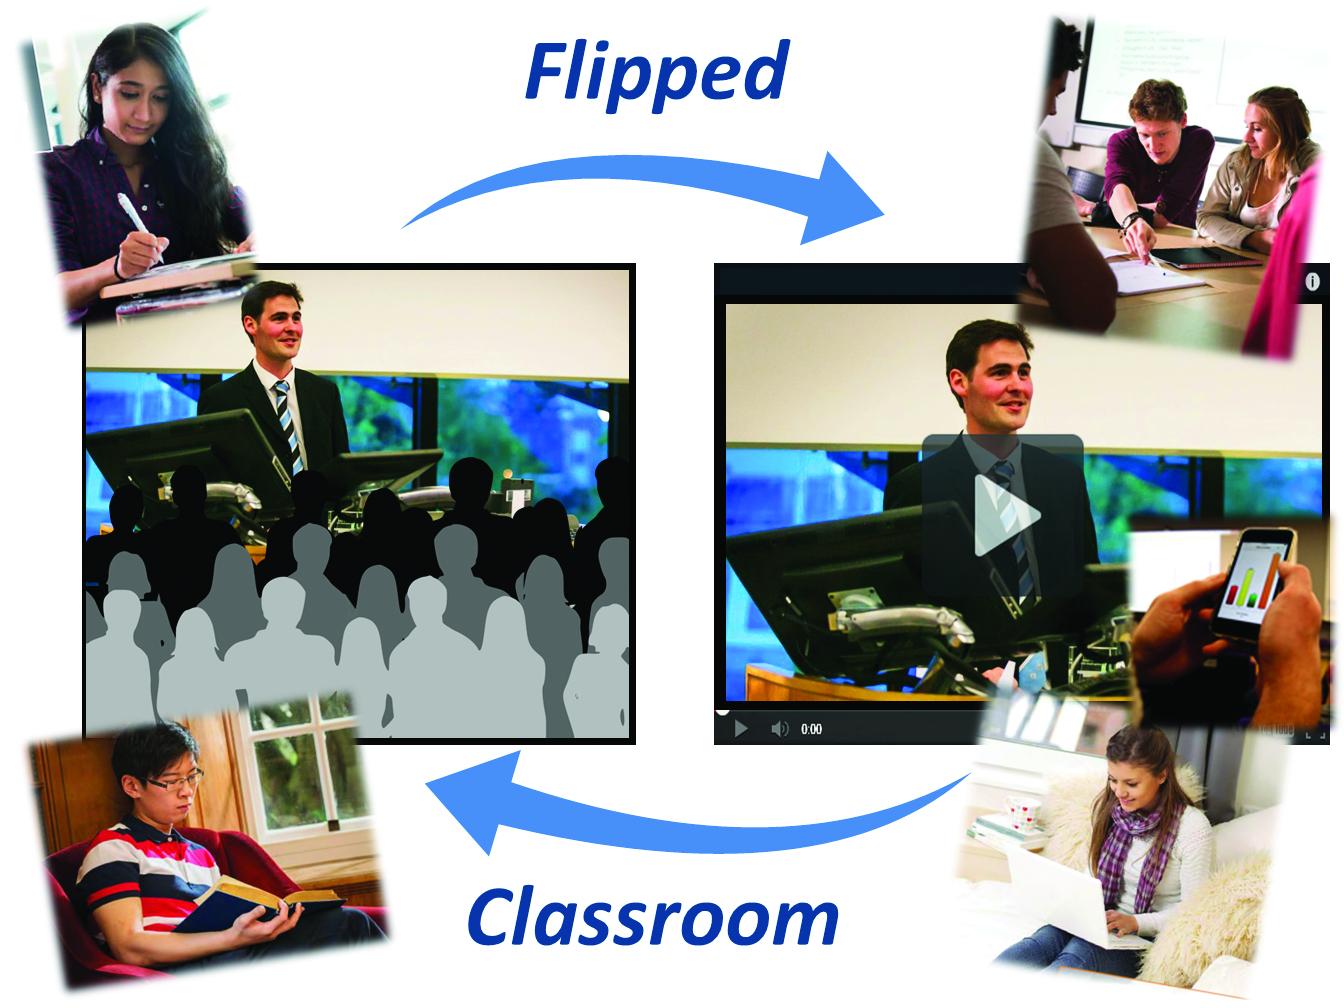 FlippedLearning